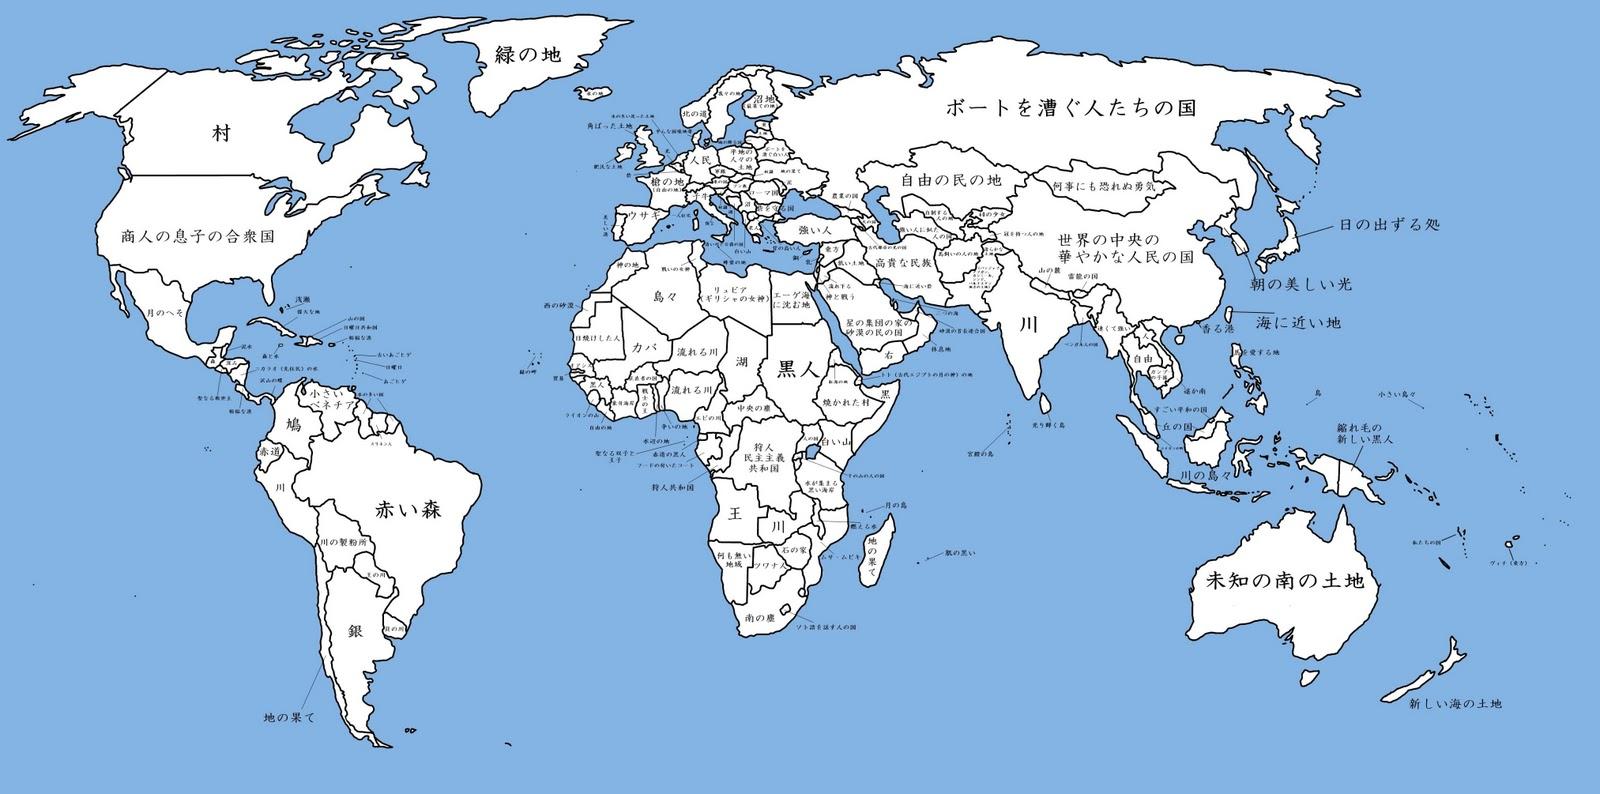 McAlto Diary: あなたの知らない国名の世界地図